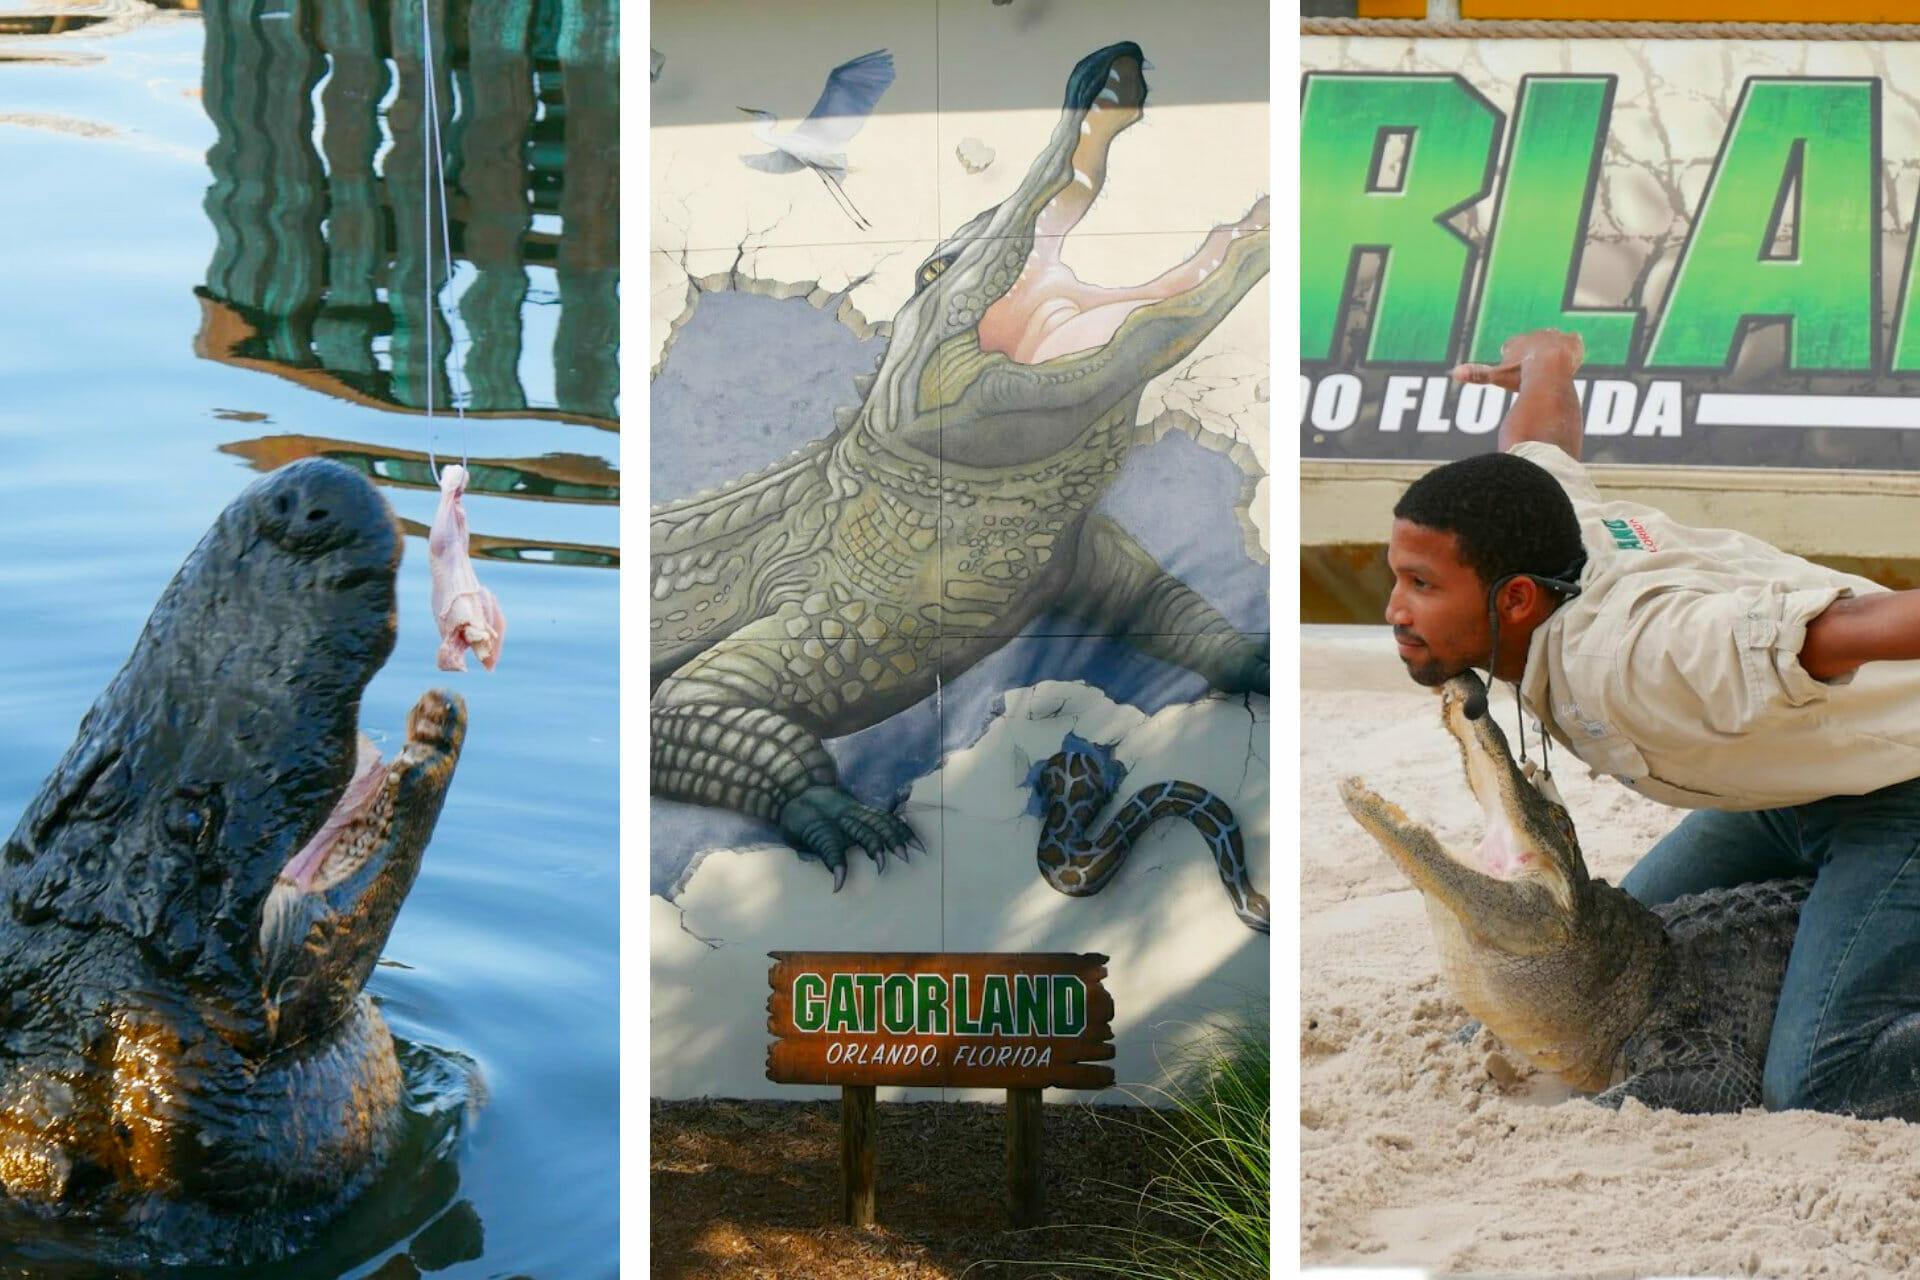 Super Honest Gatorland Florida Review via @allamericanatlas